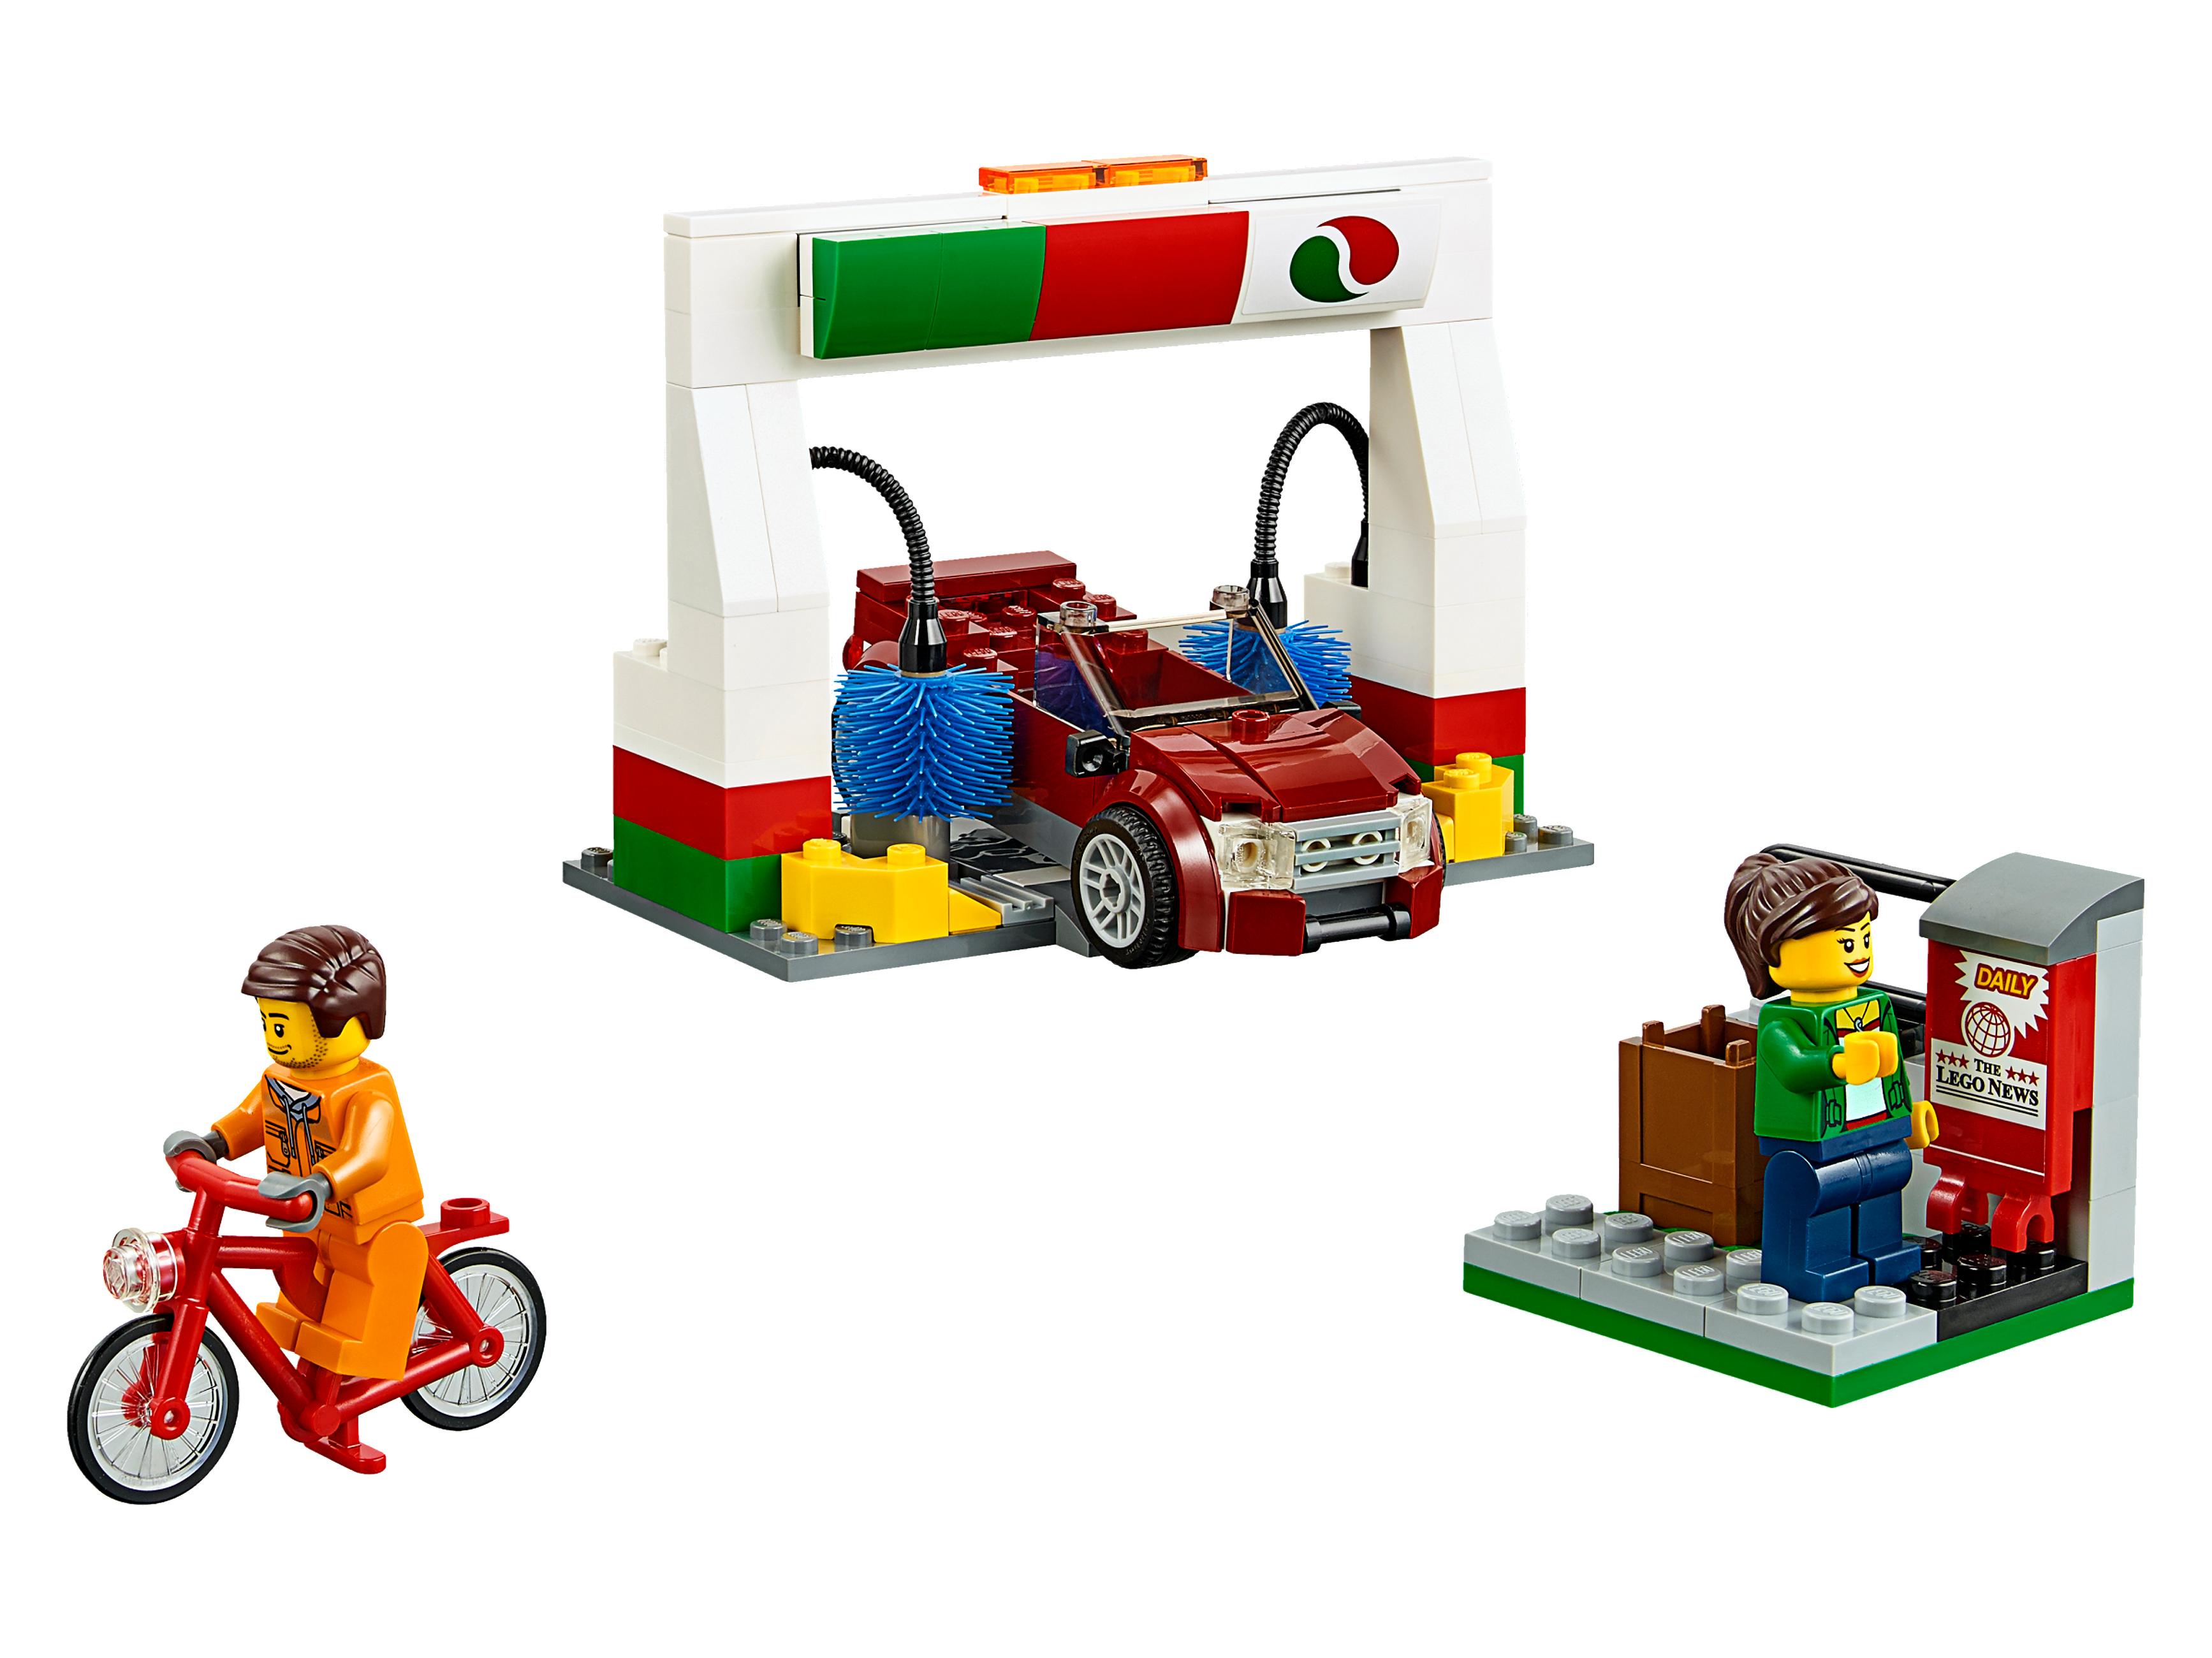 Klocki Lego 60132 City Stacja Paliw Httpbricktoyspl